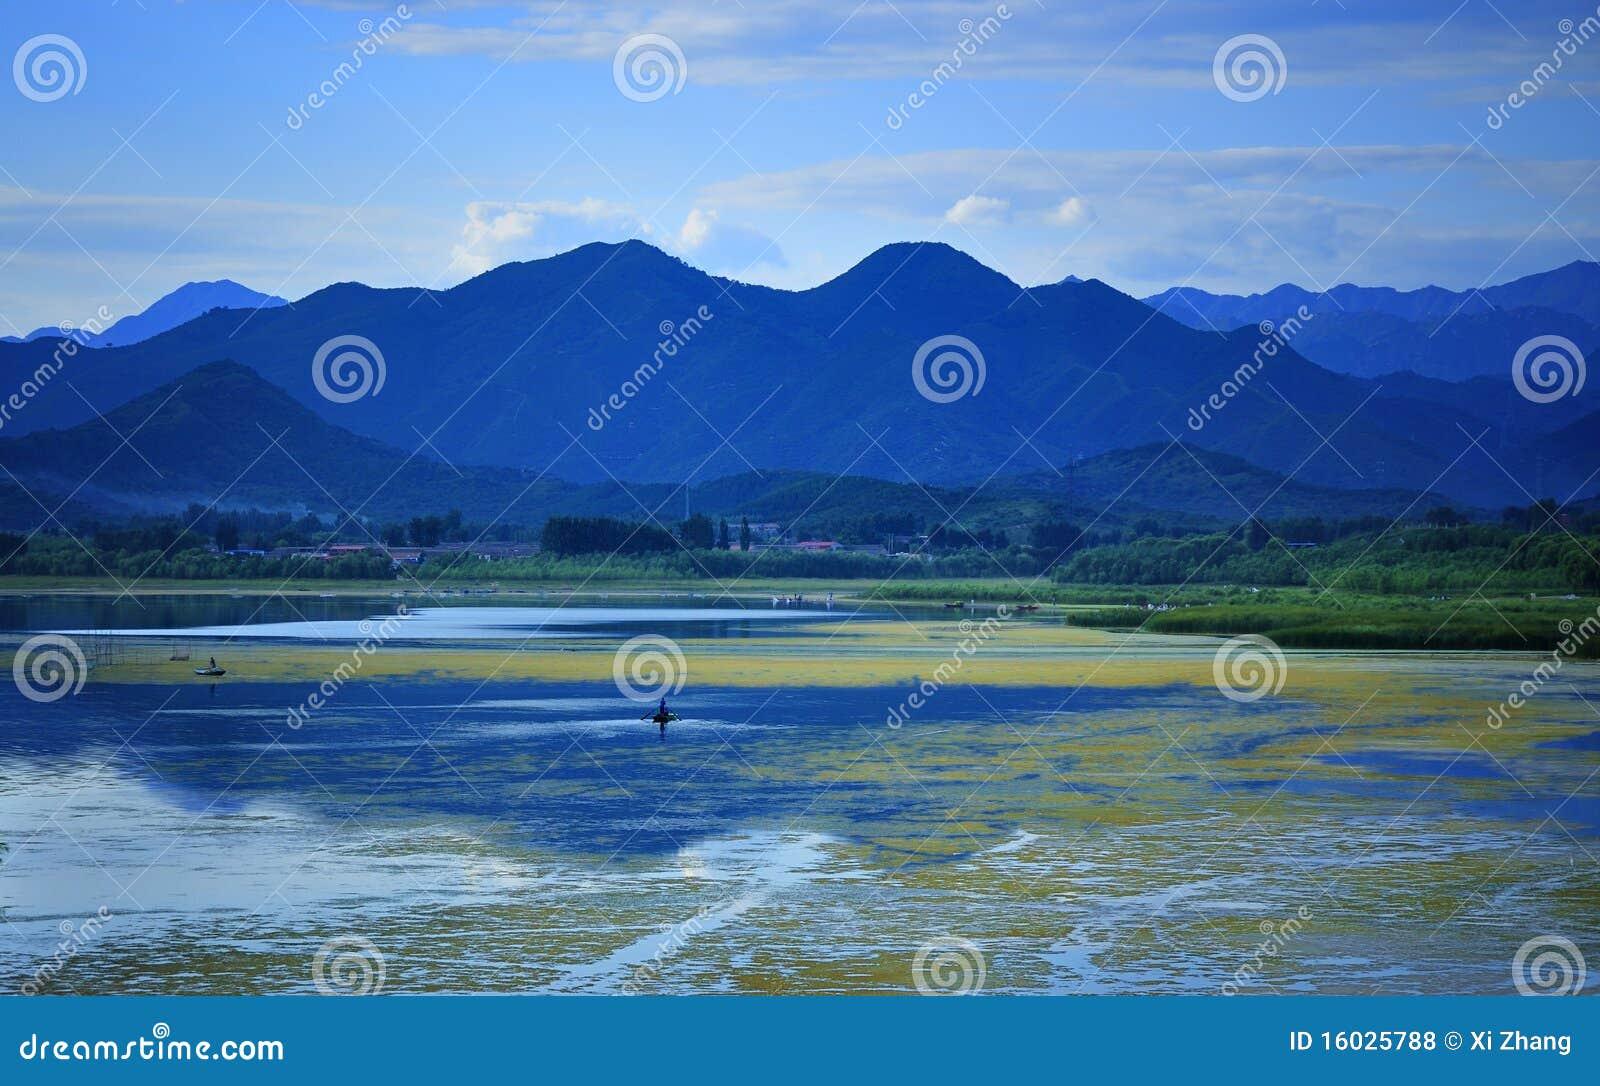 China Qinghai Lake Scenery Royalty Free Stock Photos Image 16025788